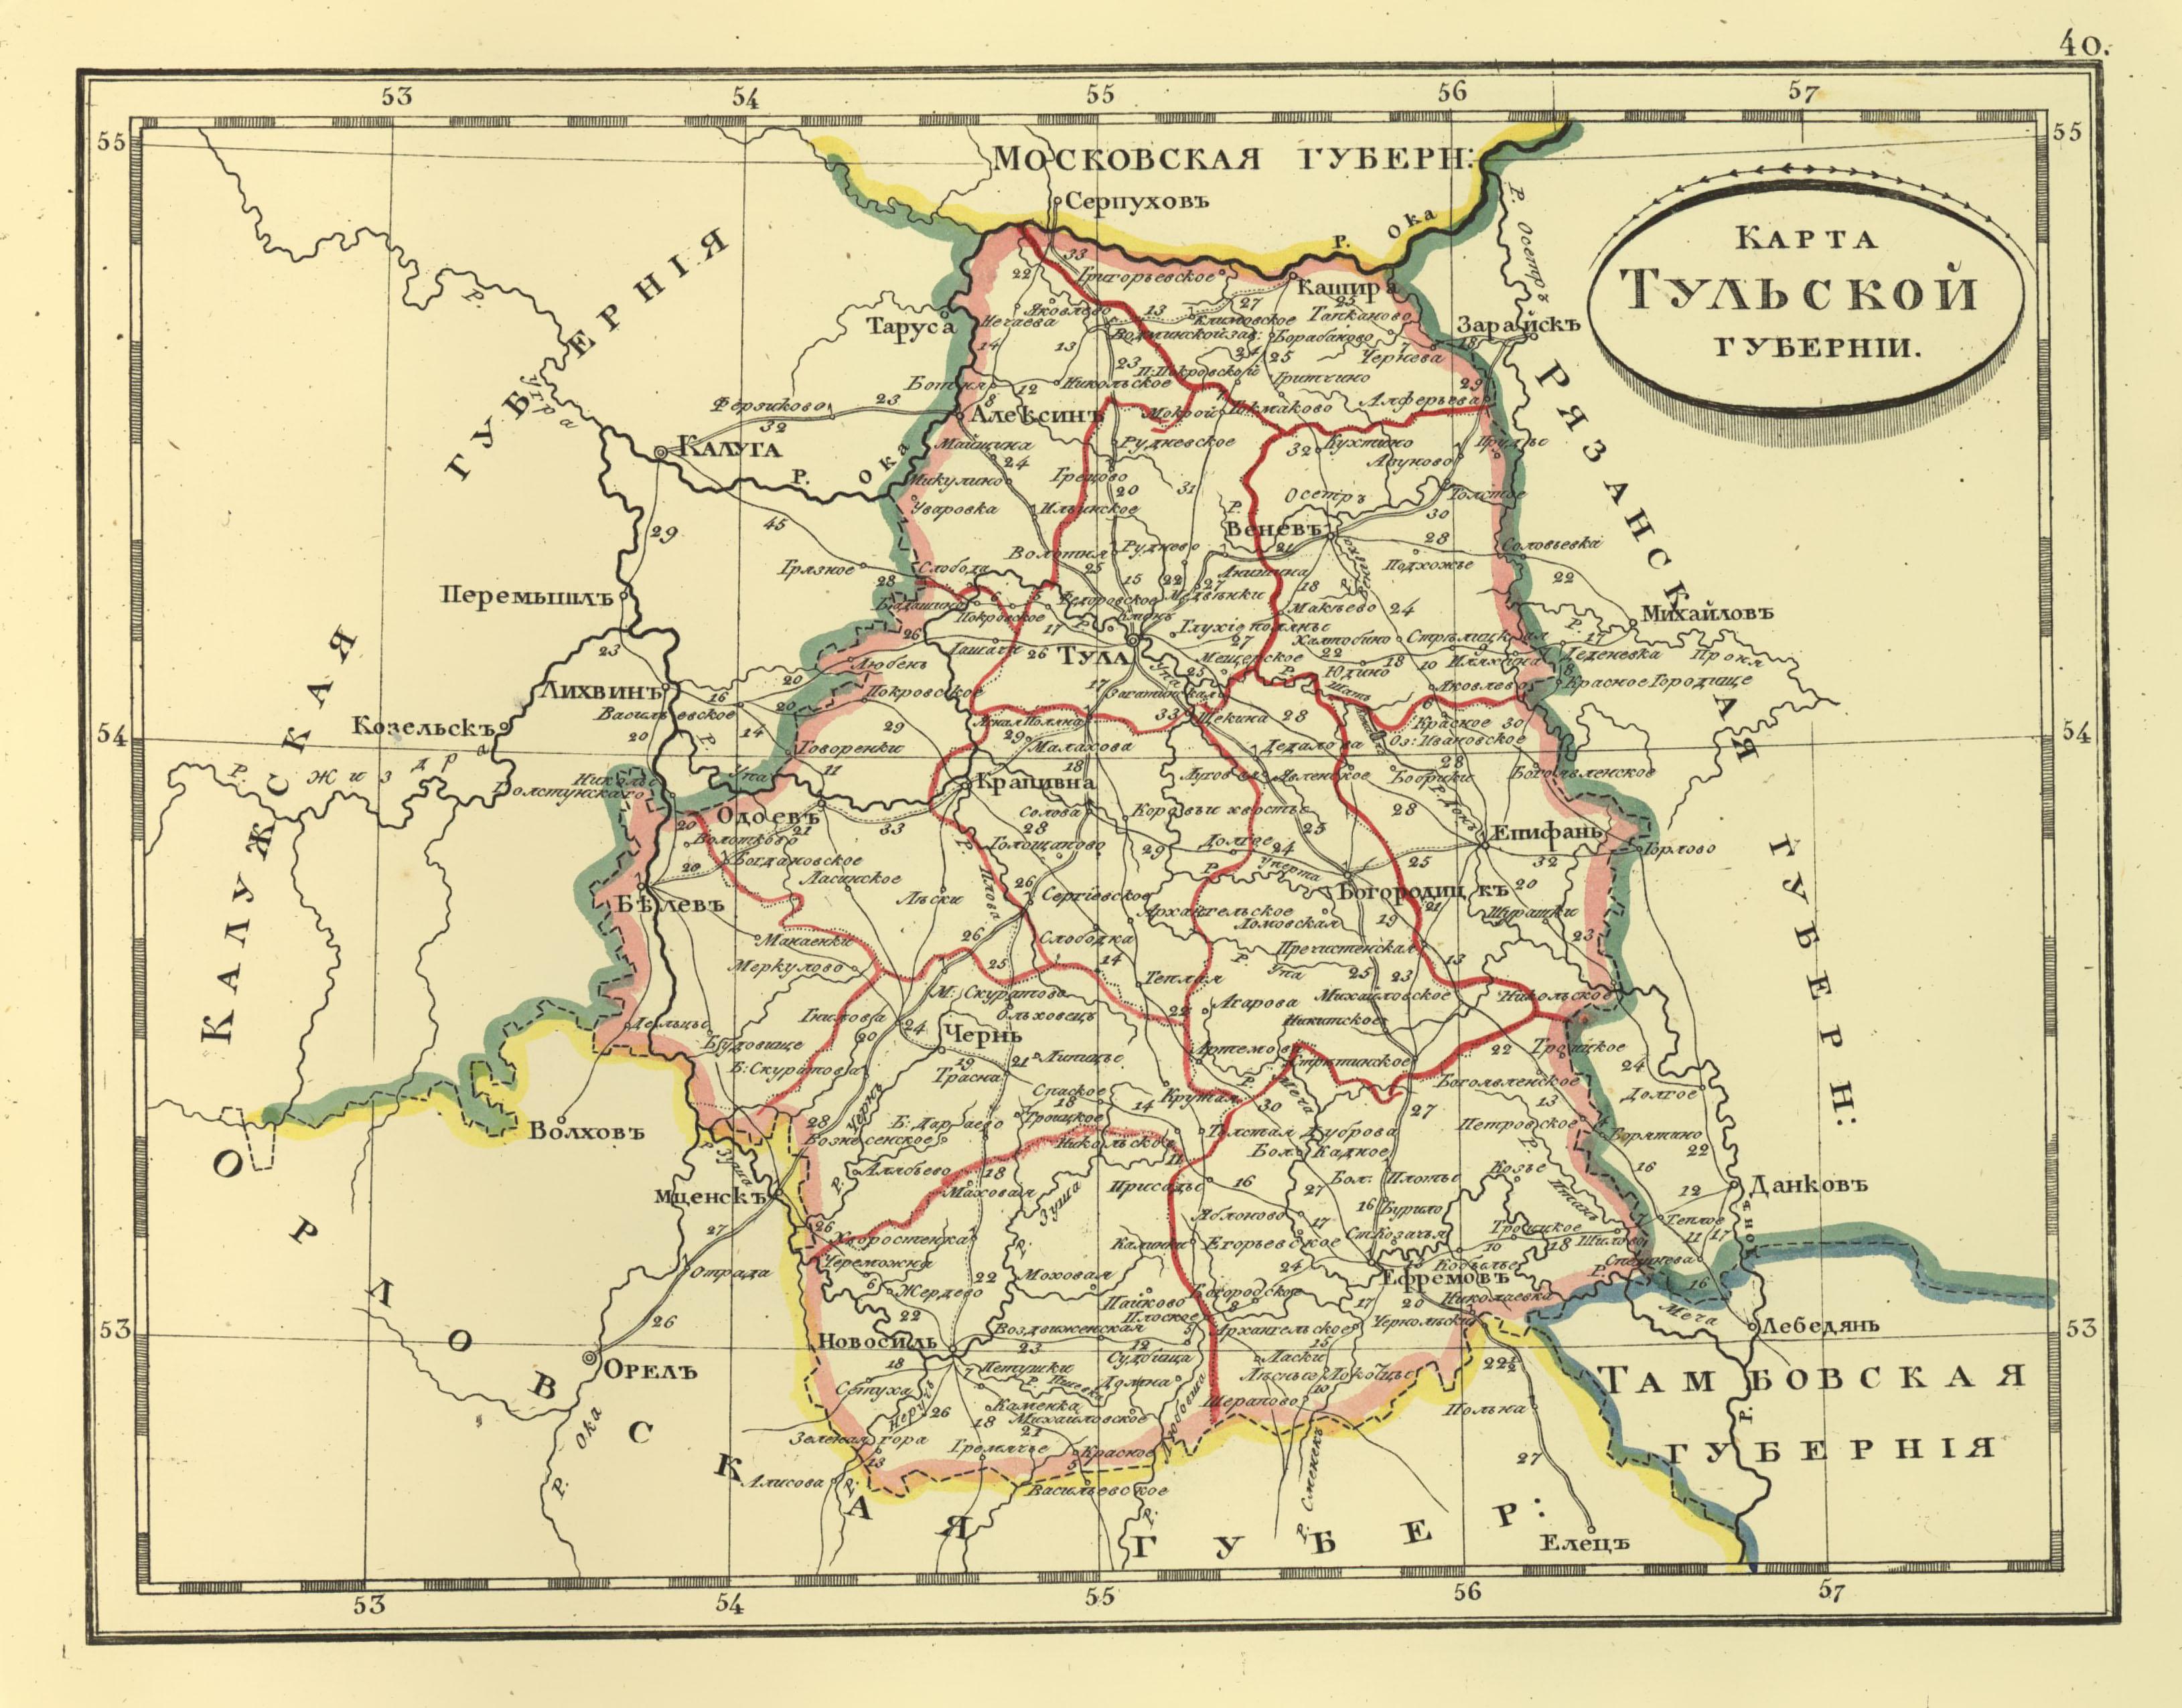 Тульская губерния в 1835 году - картинка карты 3258x2551.